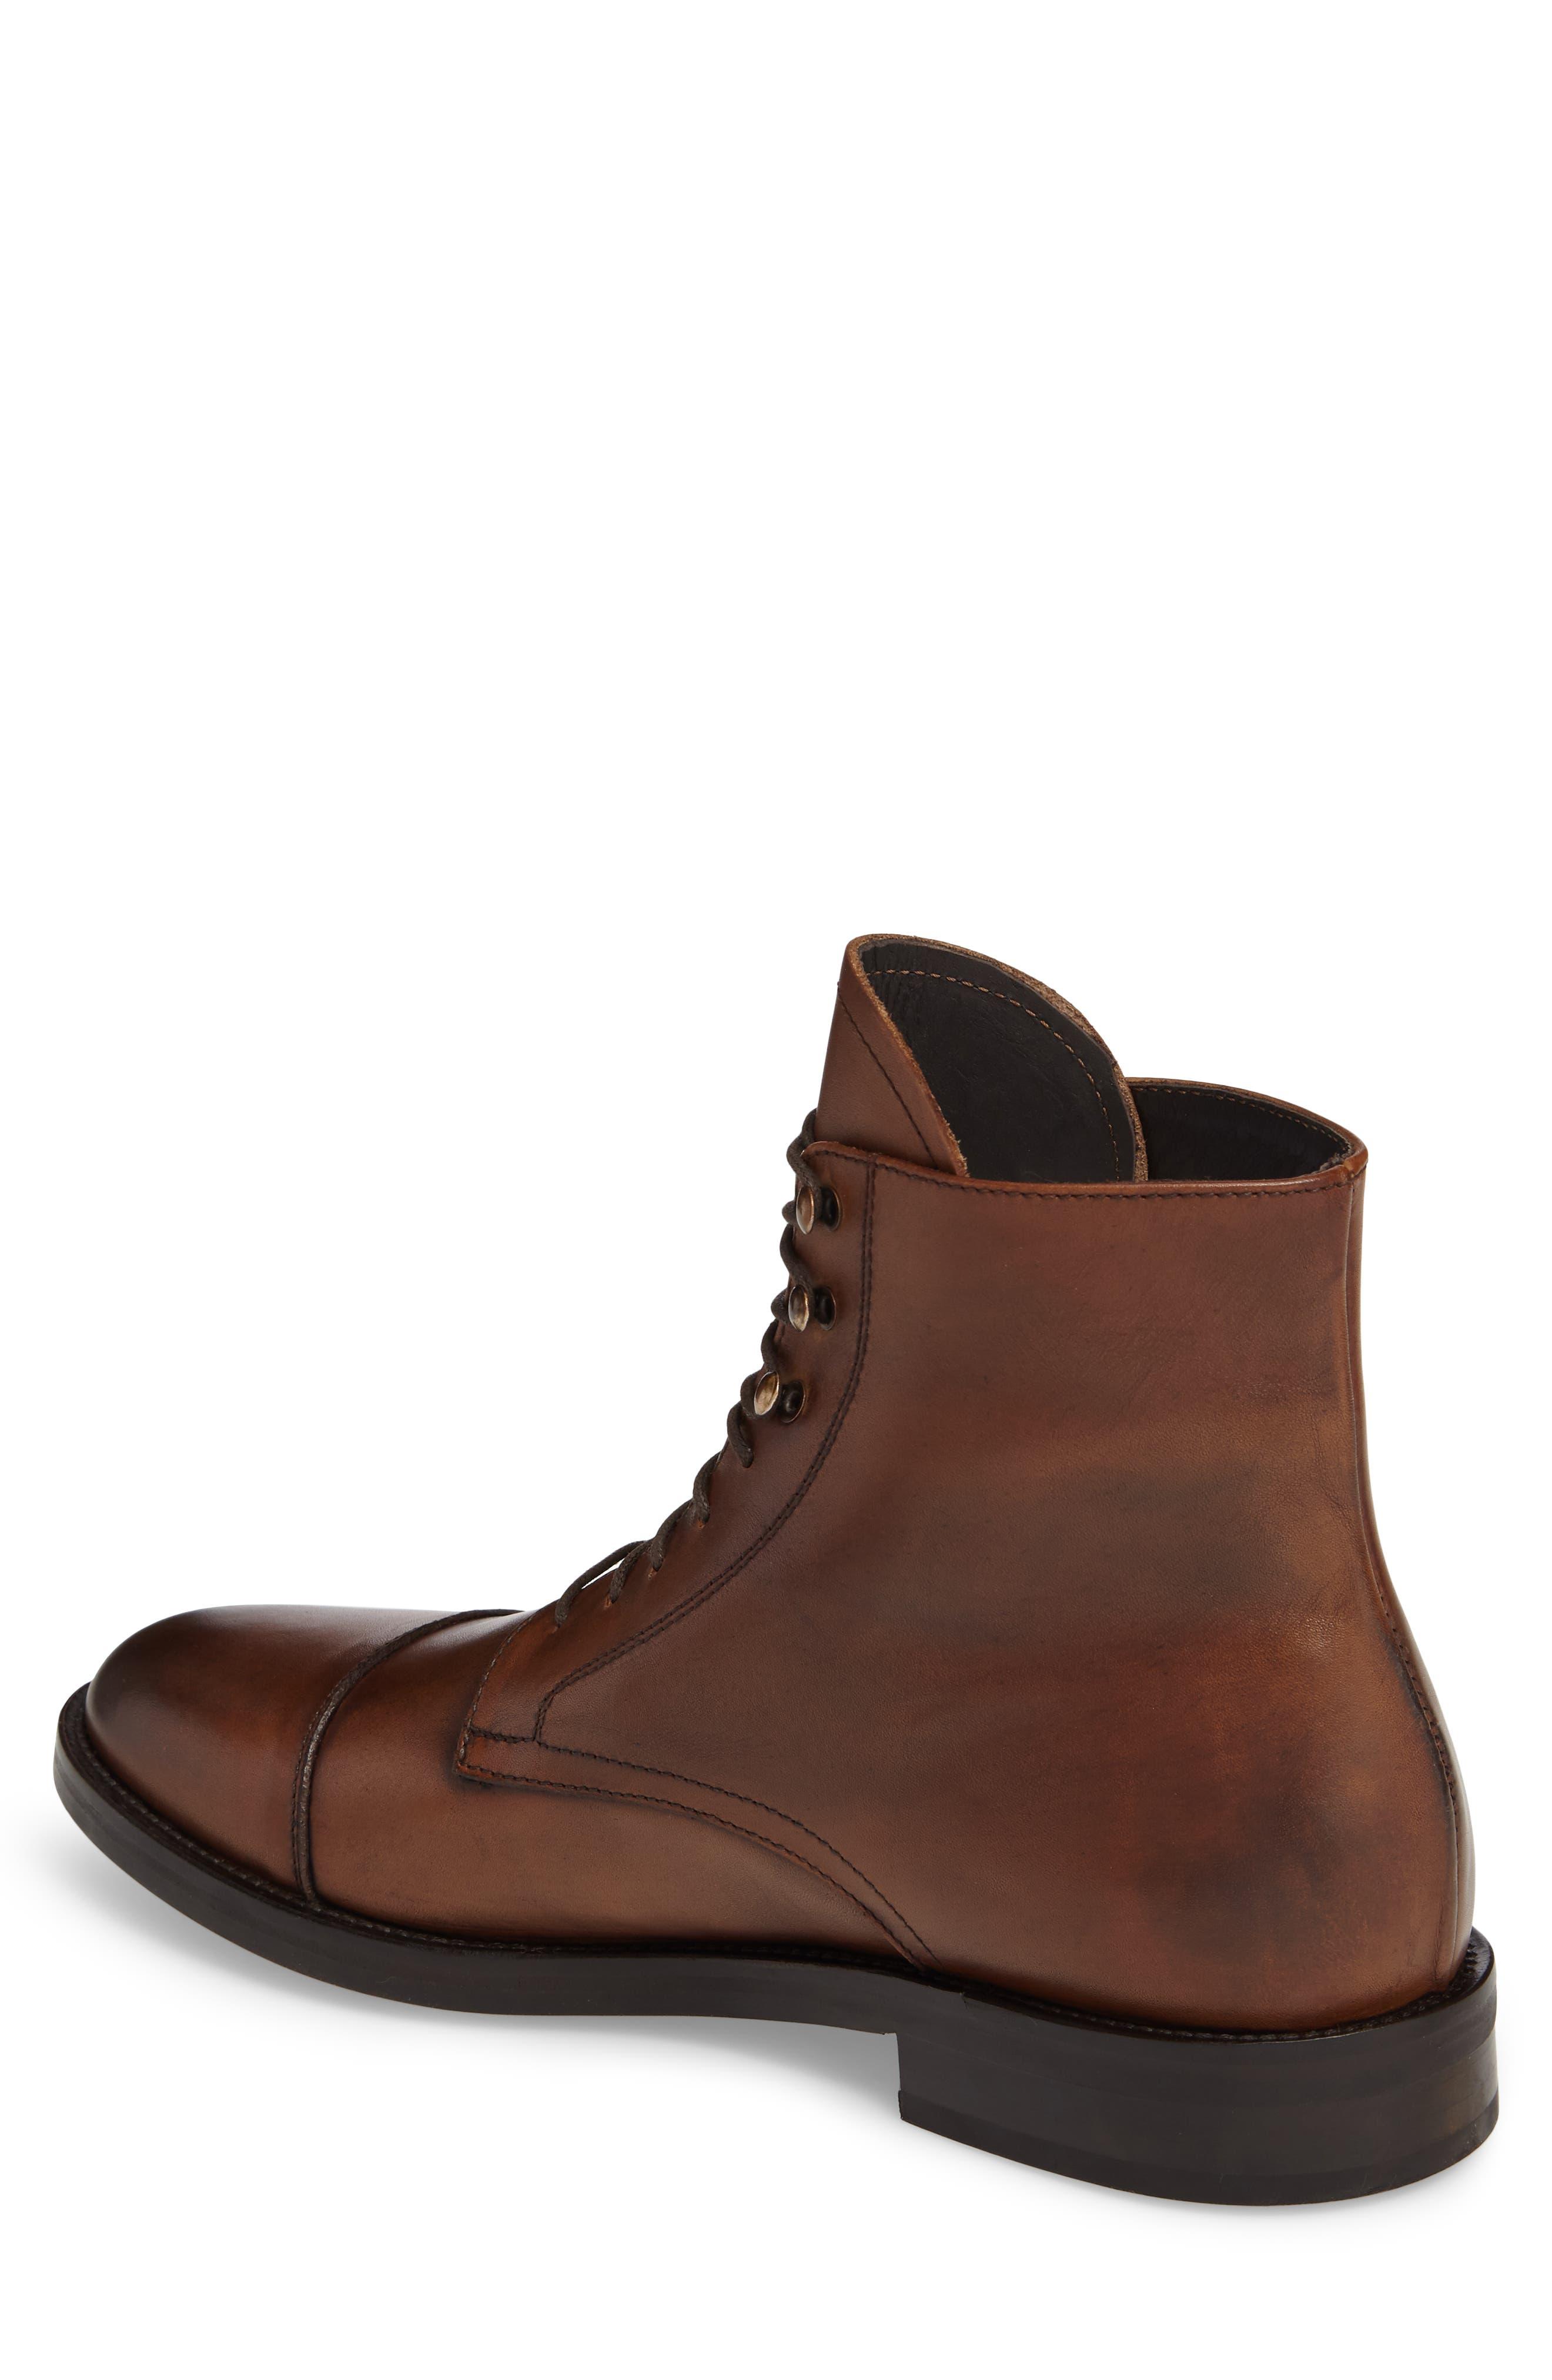 Henri Cap Toe Boot,                             Alternate thumbnail 4, color,